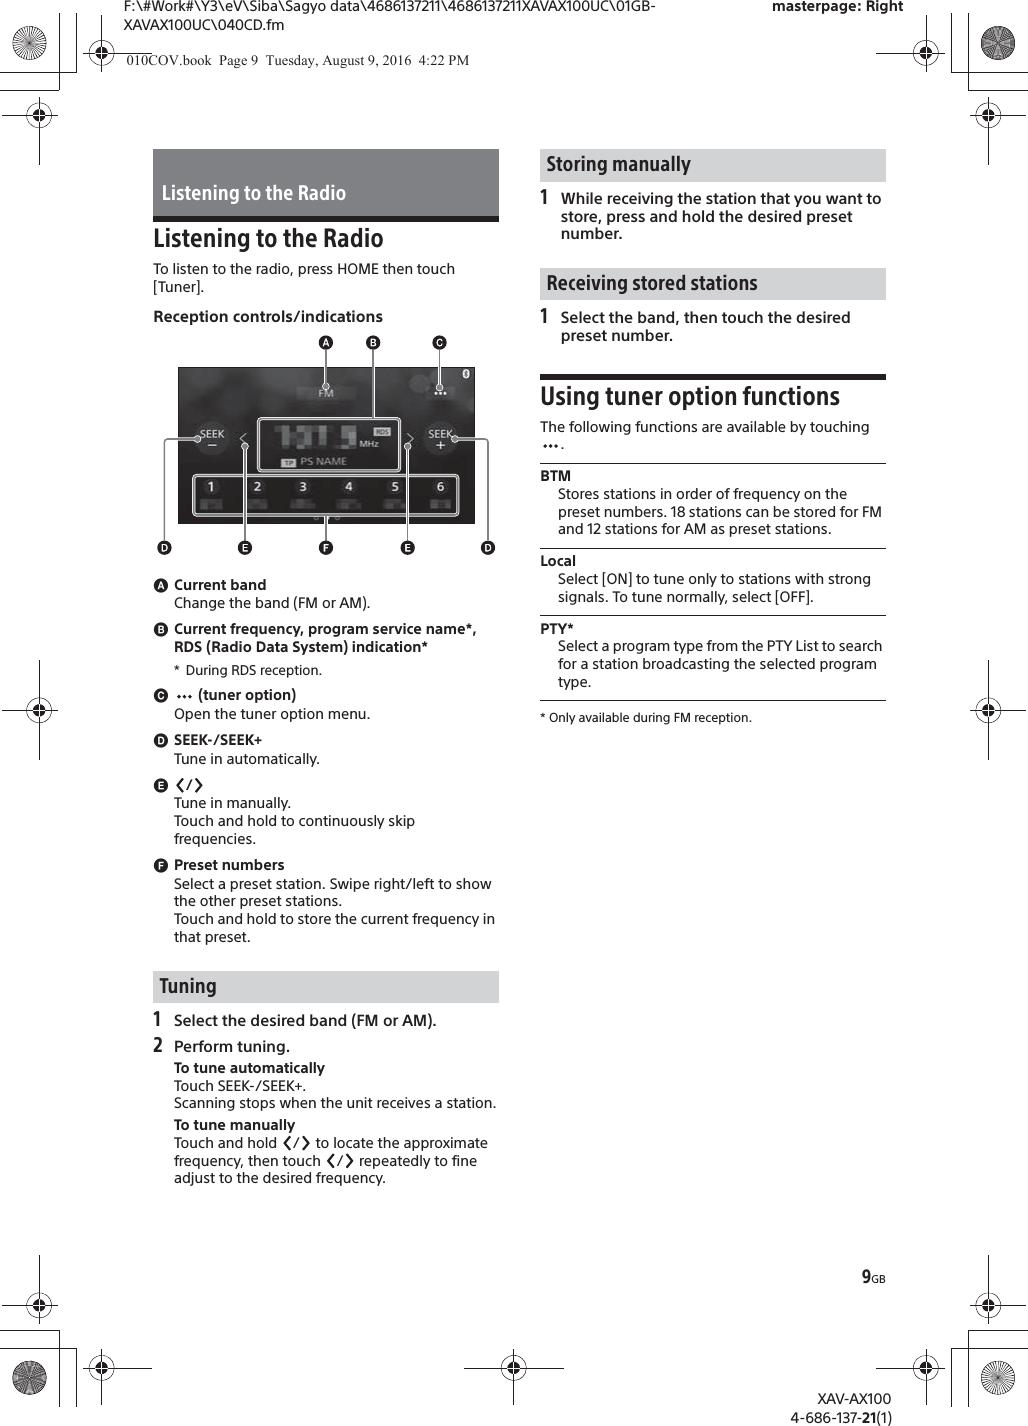 Sony XAVAX100 AV RECEIVER User Manual XAV AX100 on